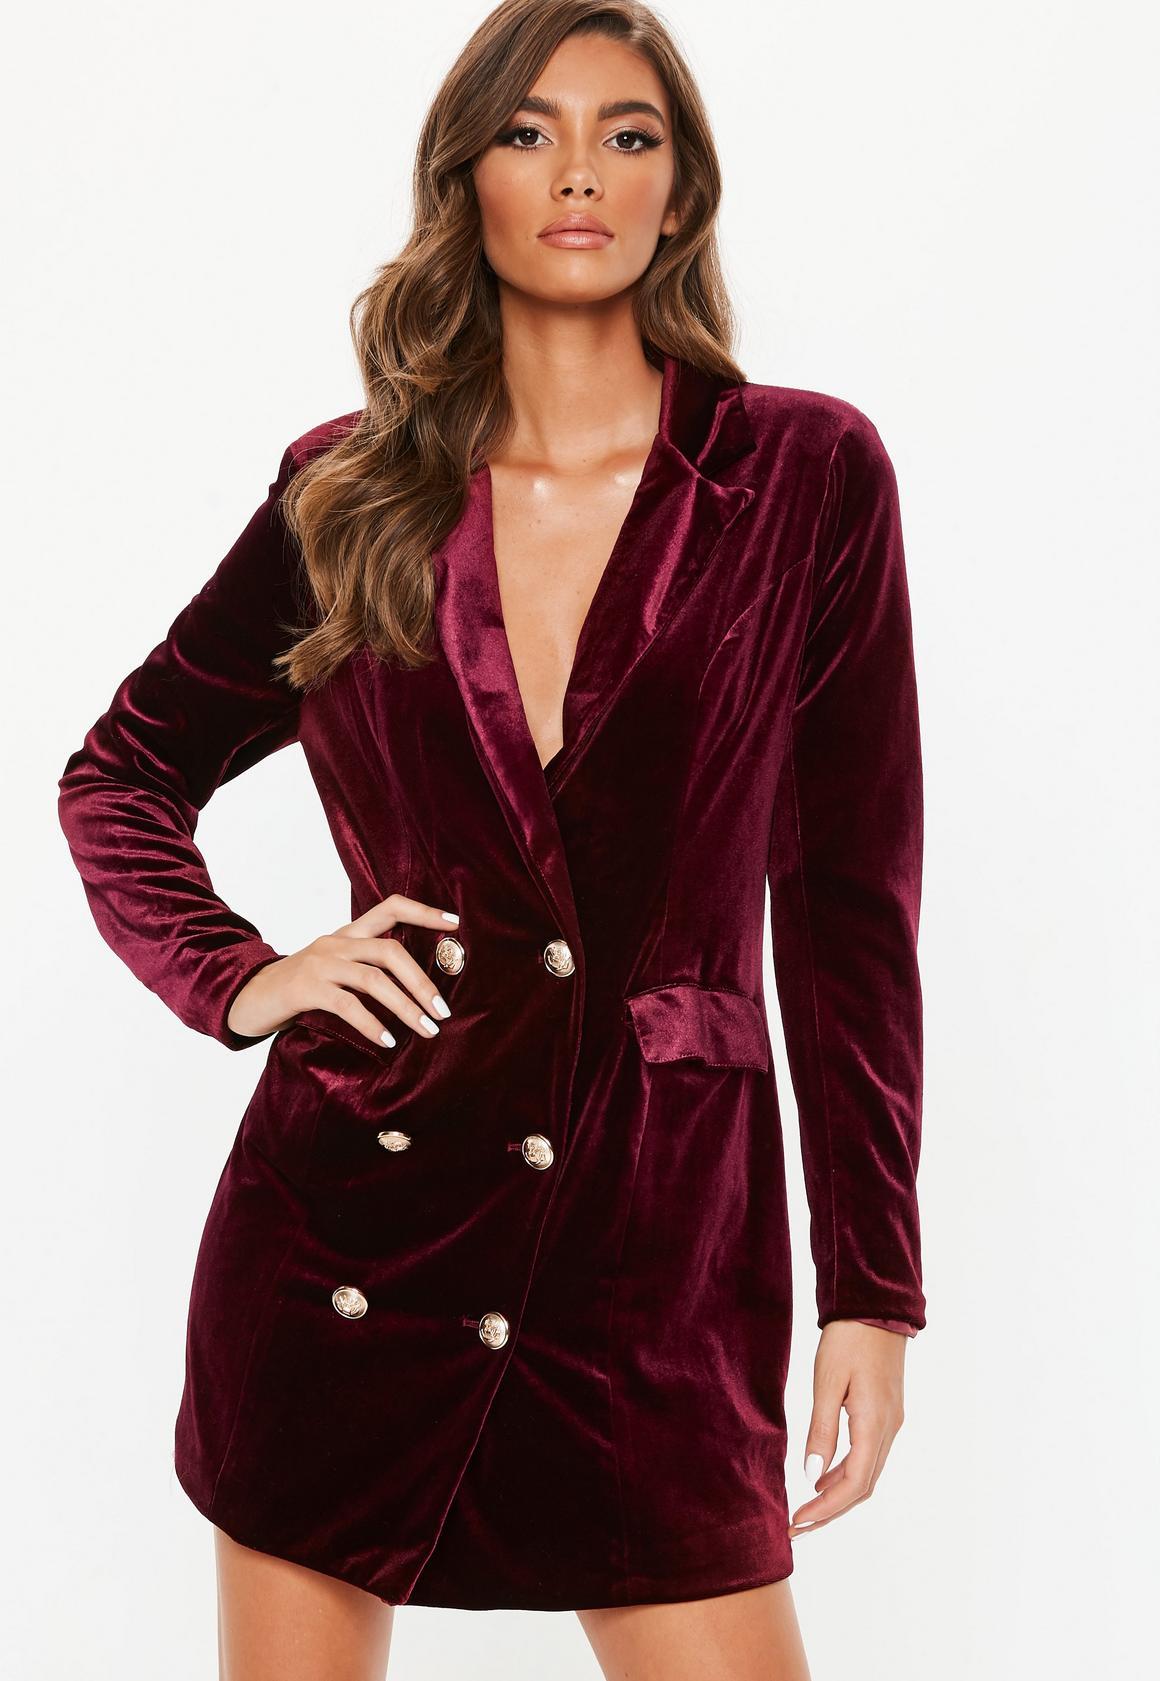 Burgundy Velvet Blazer, $25, Missguided